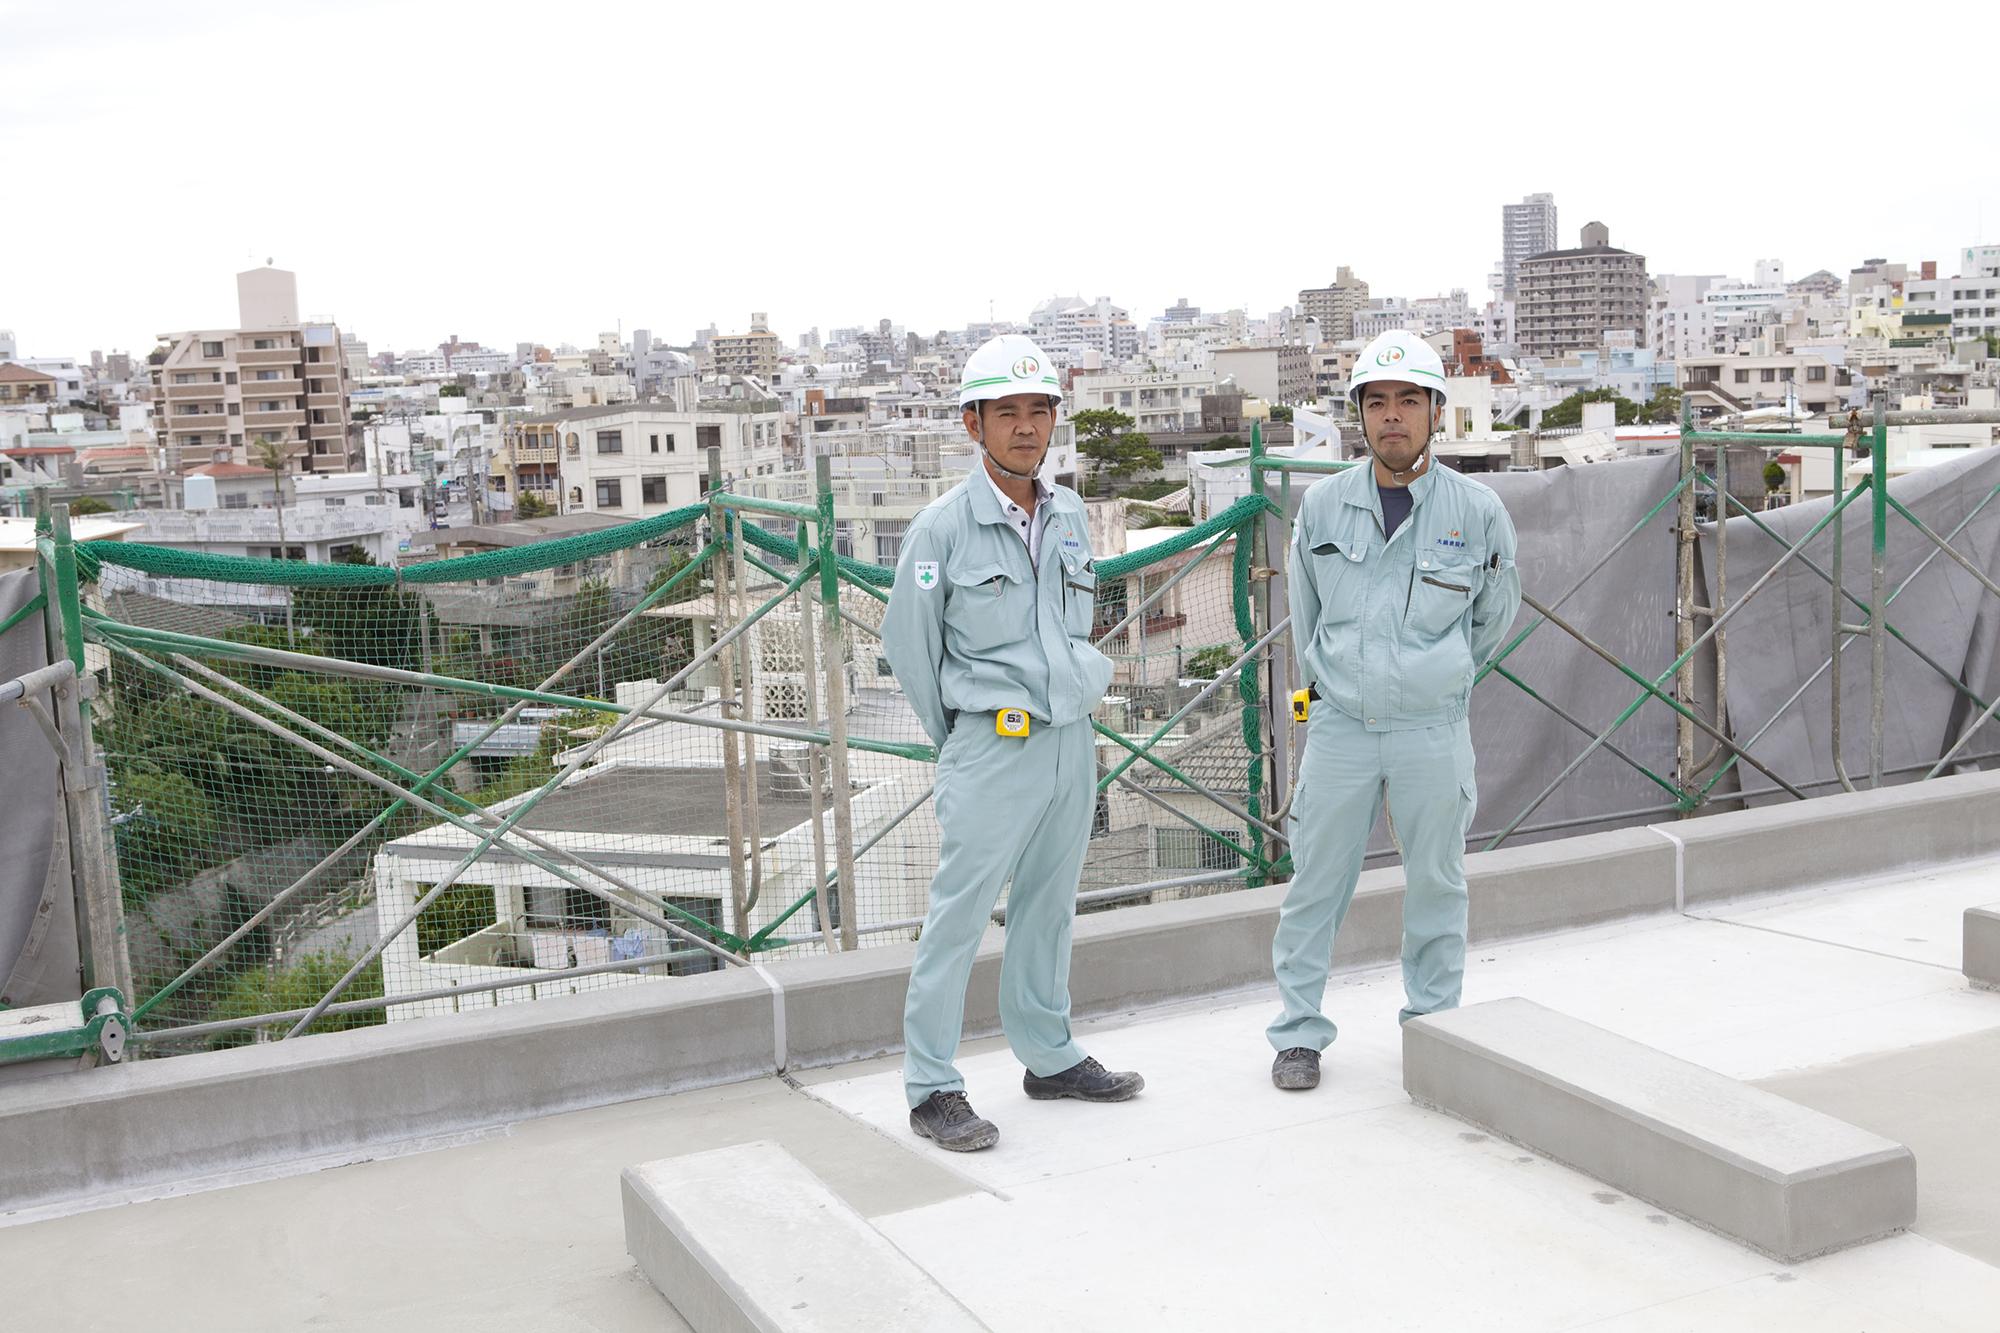 仕事も地域も 大切なのは「人付き合い」 / 一級施工管理技士 目取真 正宏 インタビュー